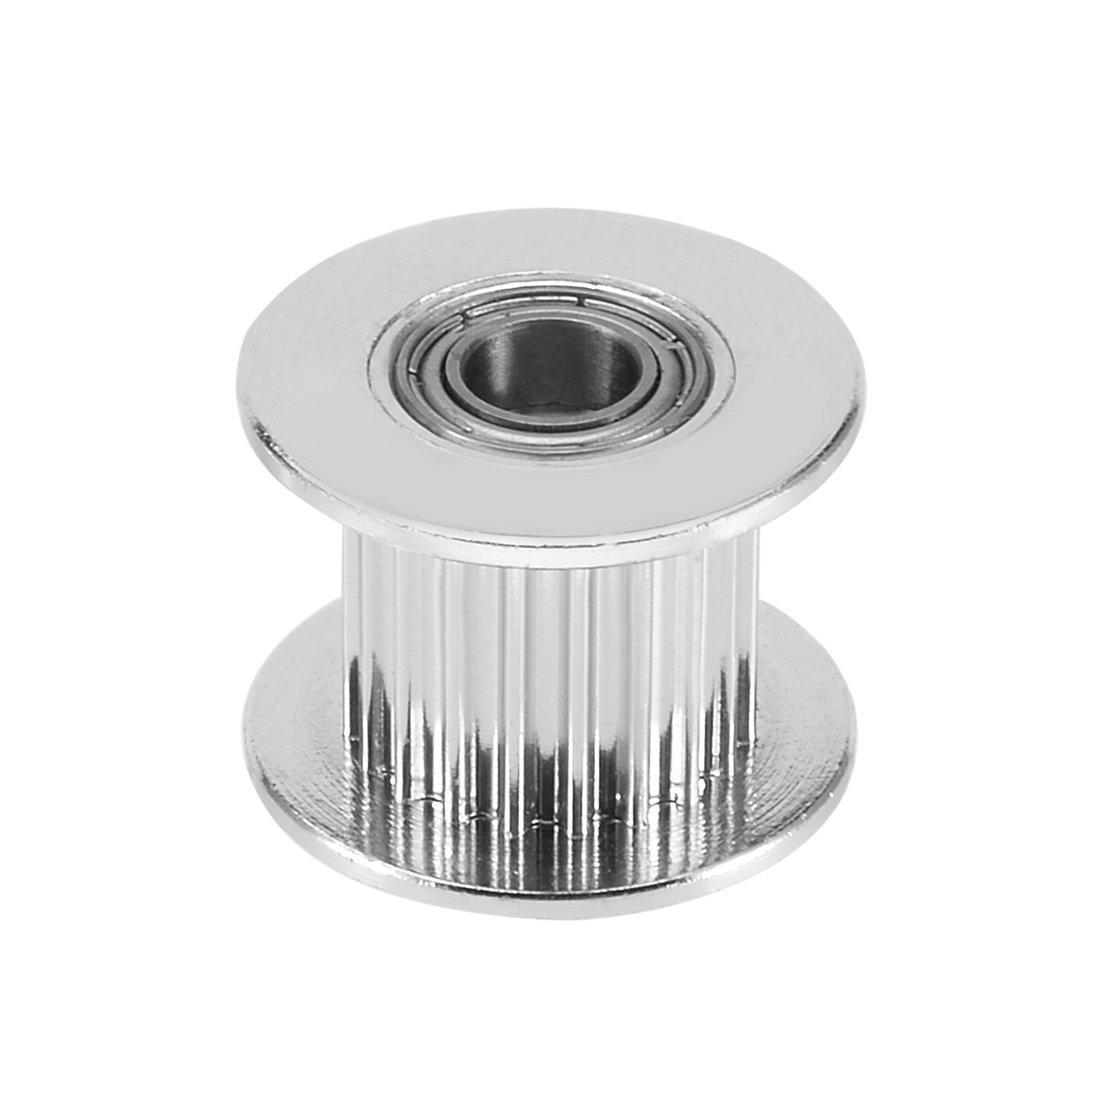 sourcingmap® Poulie renvoi d'aluminium GT2 16T pour 6mm large courroie distribution 3mm pour alésage imprimante 3D sourcing map a17041300ux0112